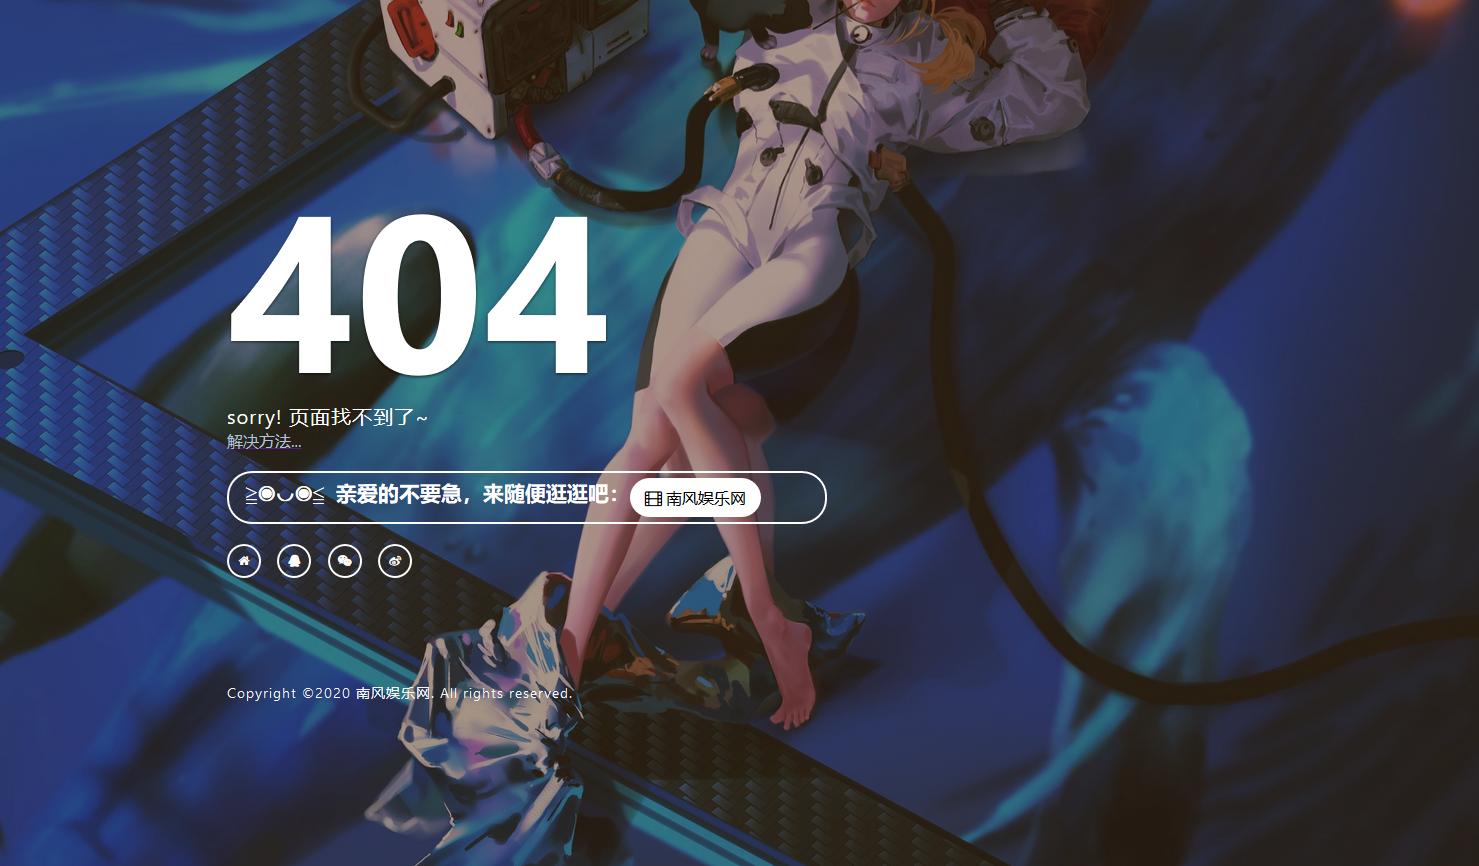 好看的二次元创造性404页面源码